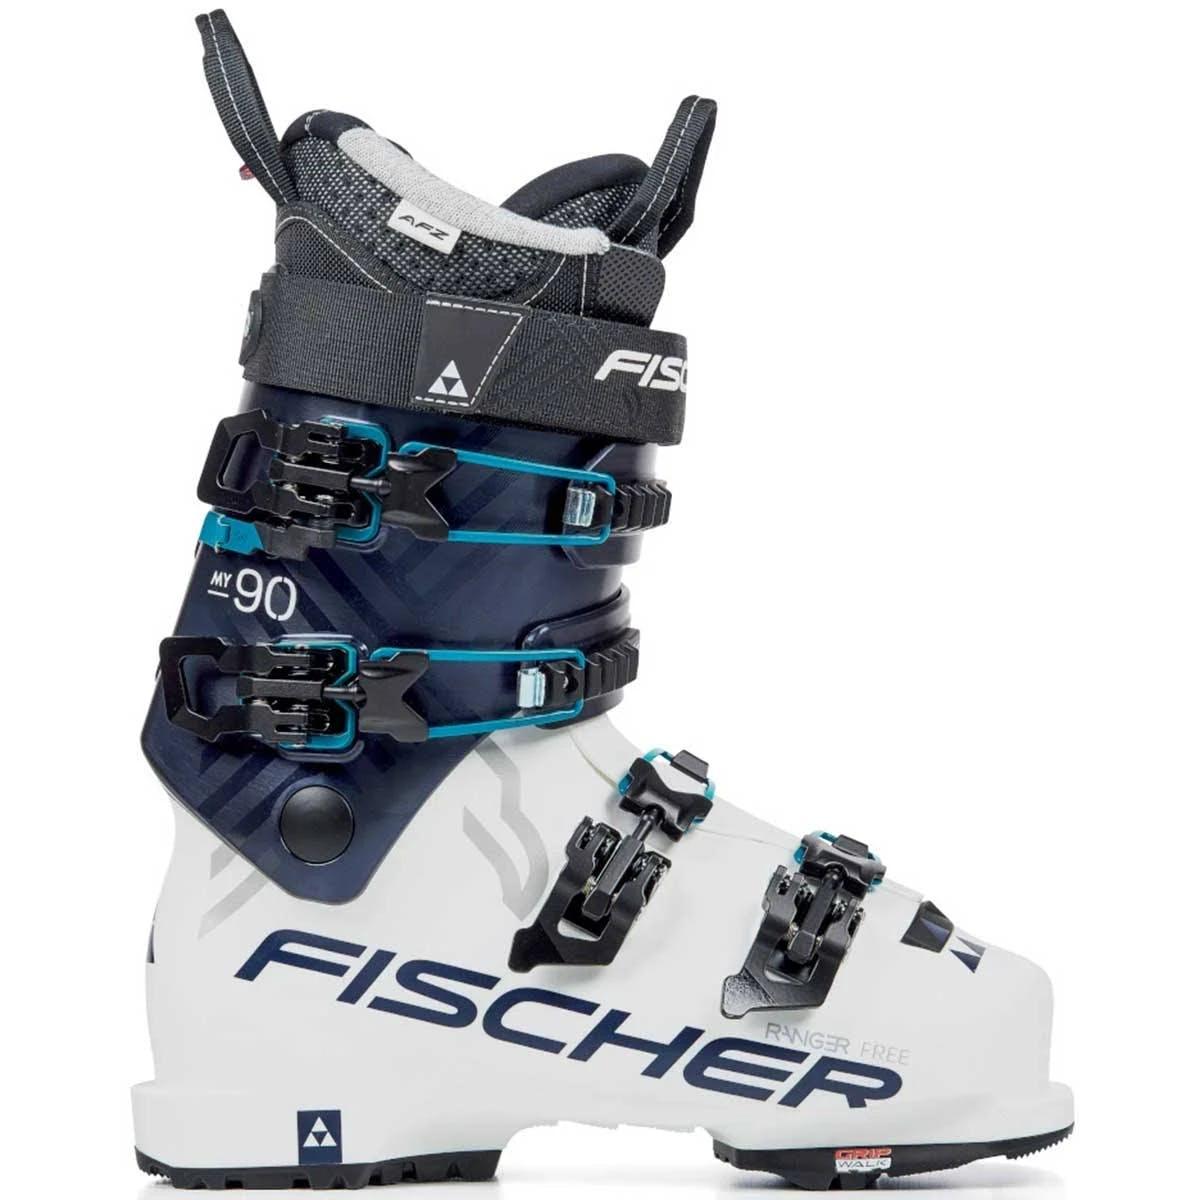 Fischer Women's My Ranger Free 90 Ski Boots